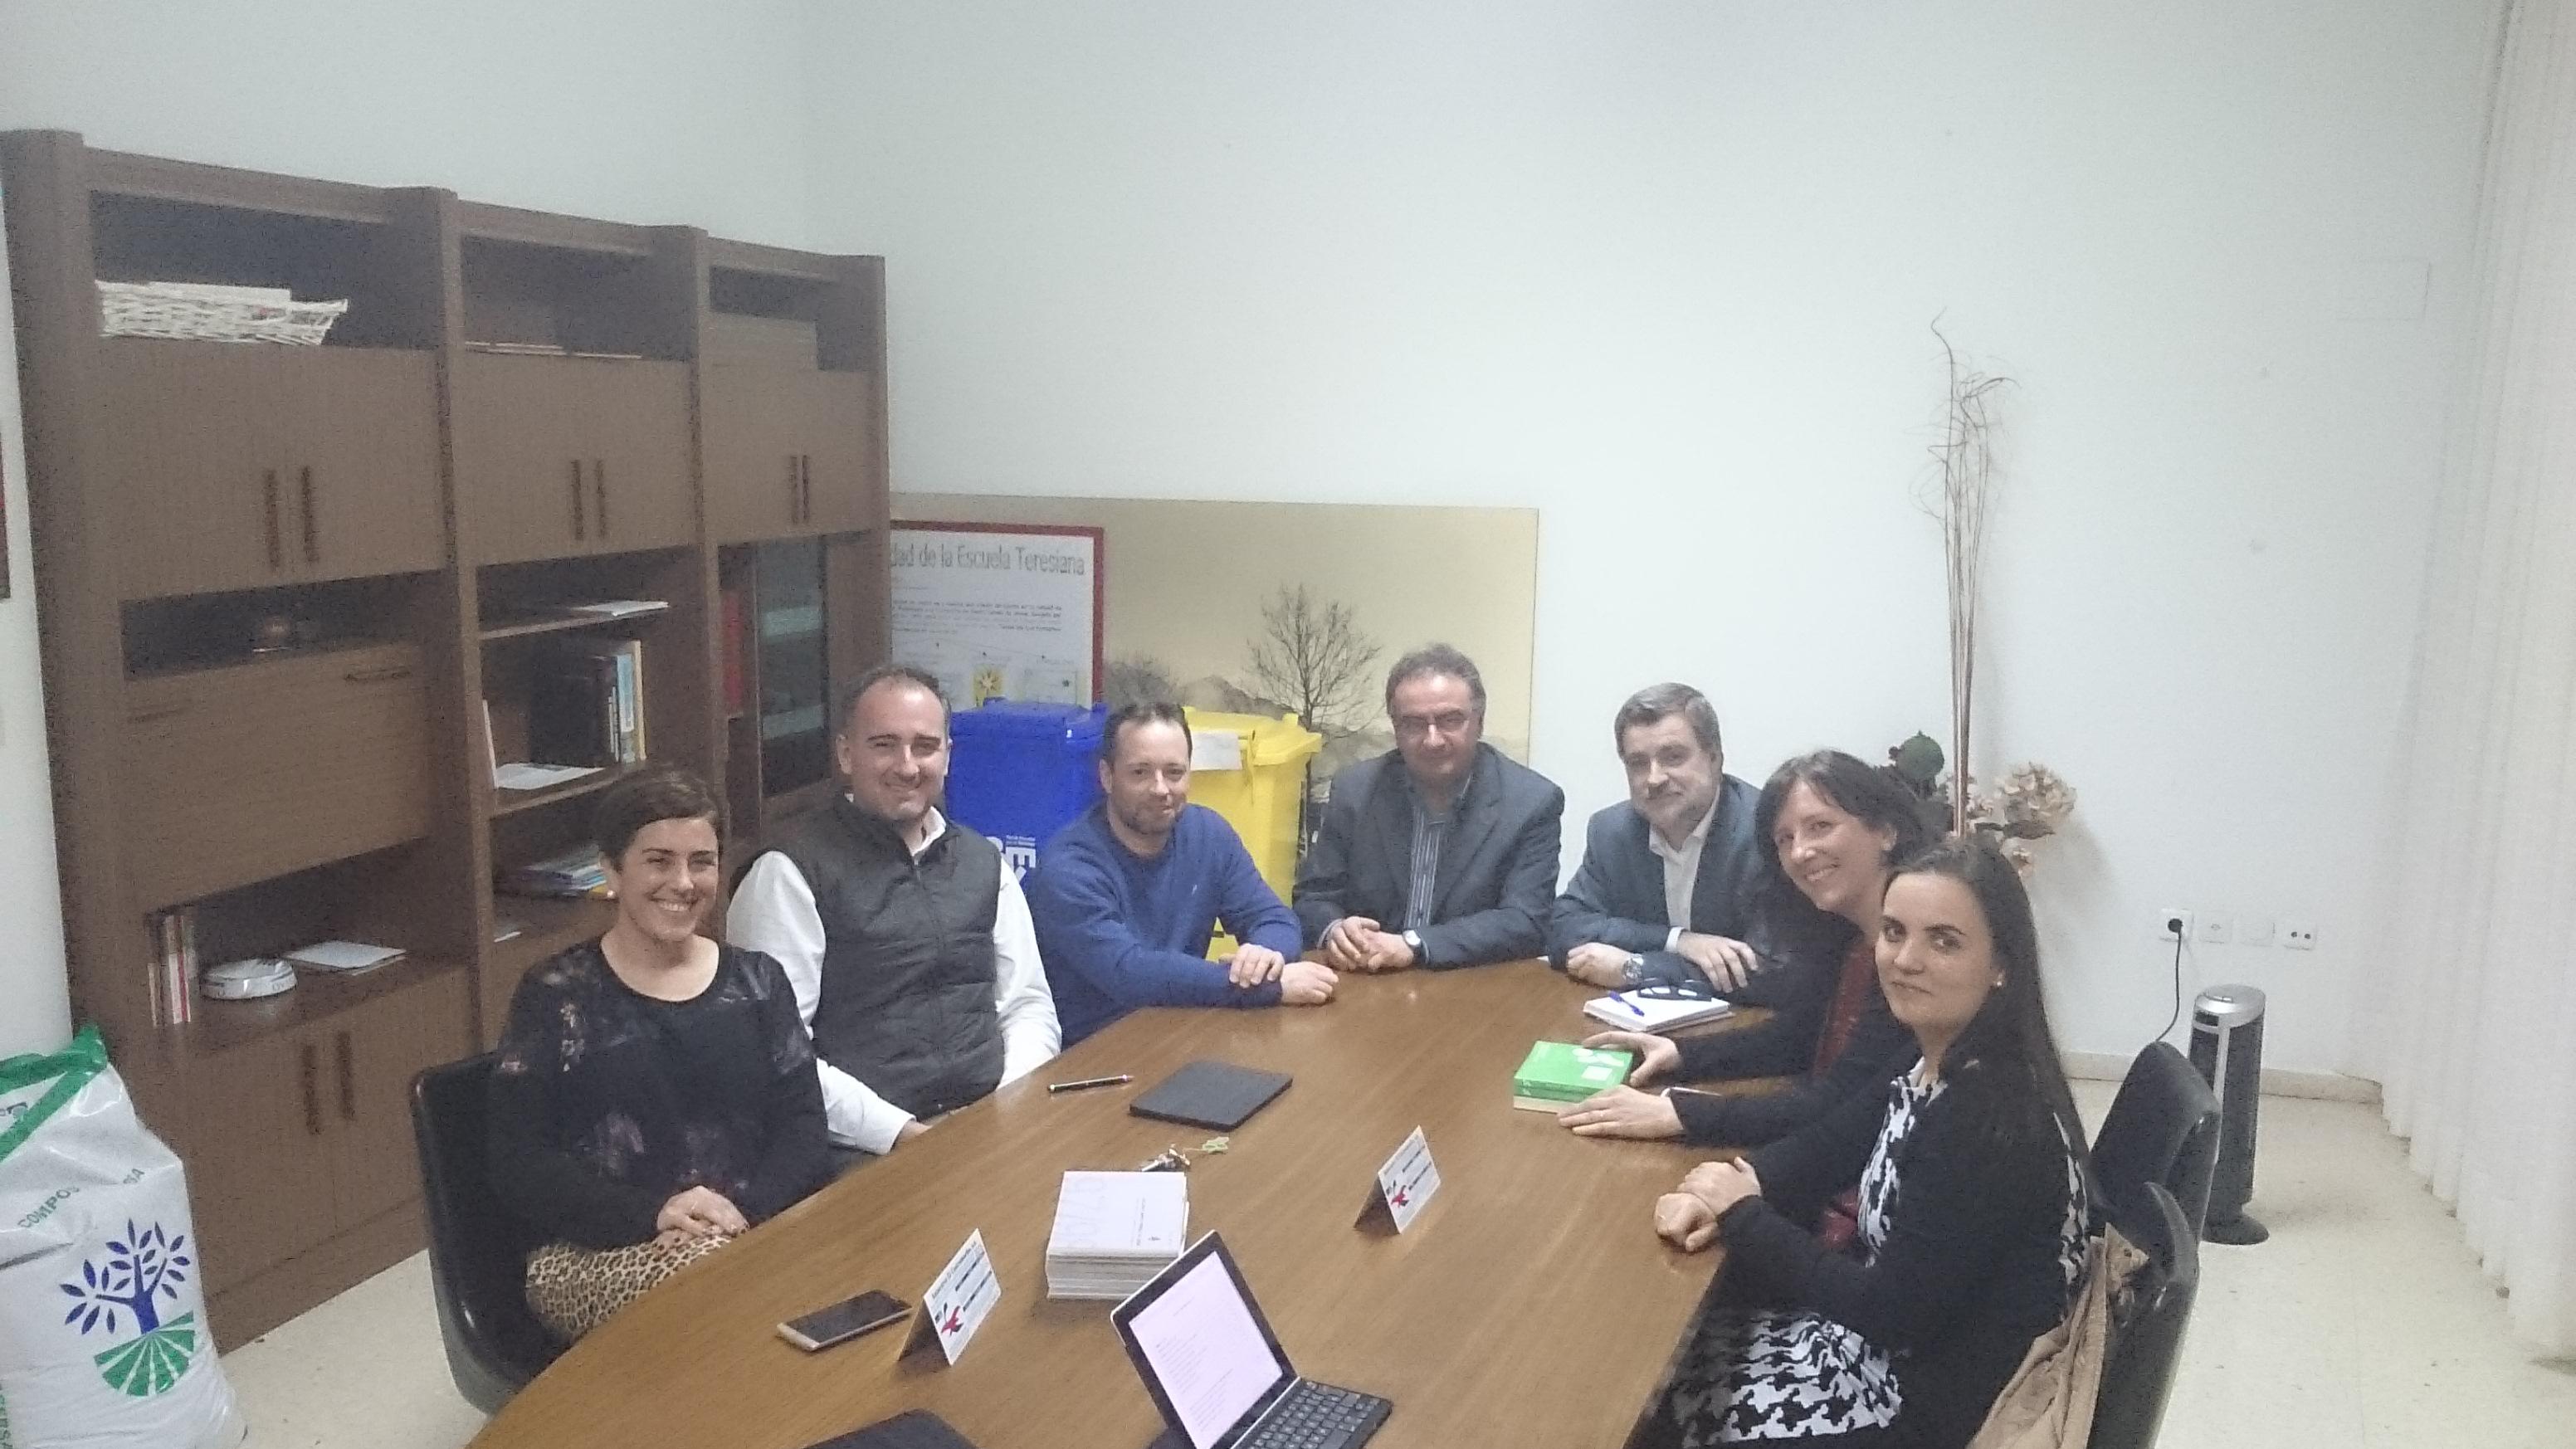 Reunión de la Junta Directiva con el Director del colegio